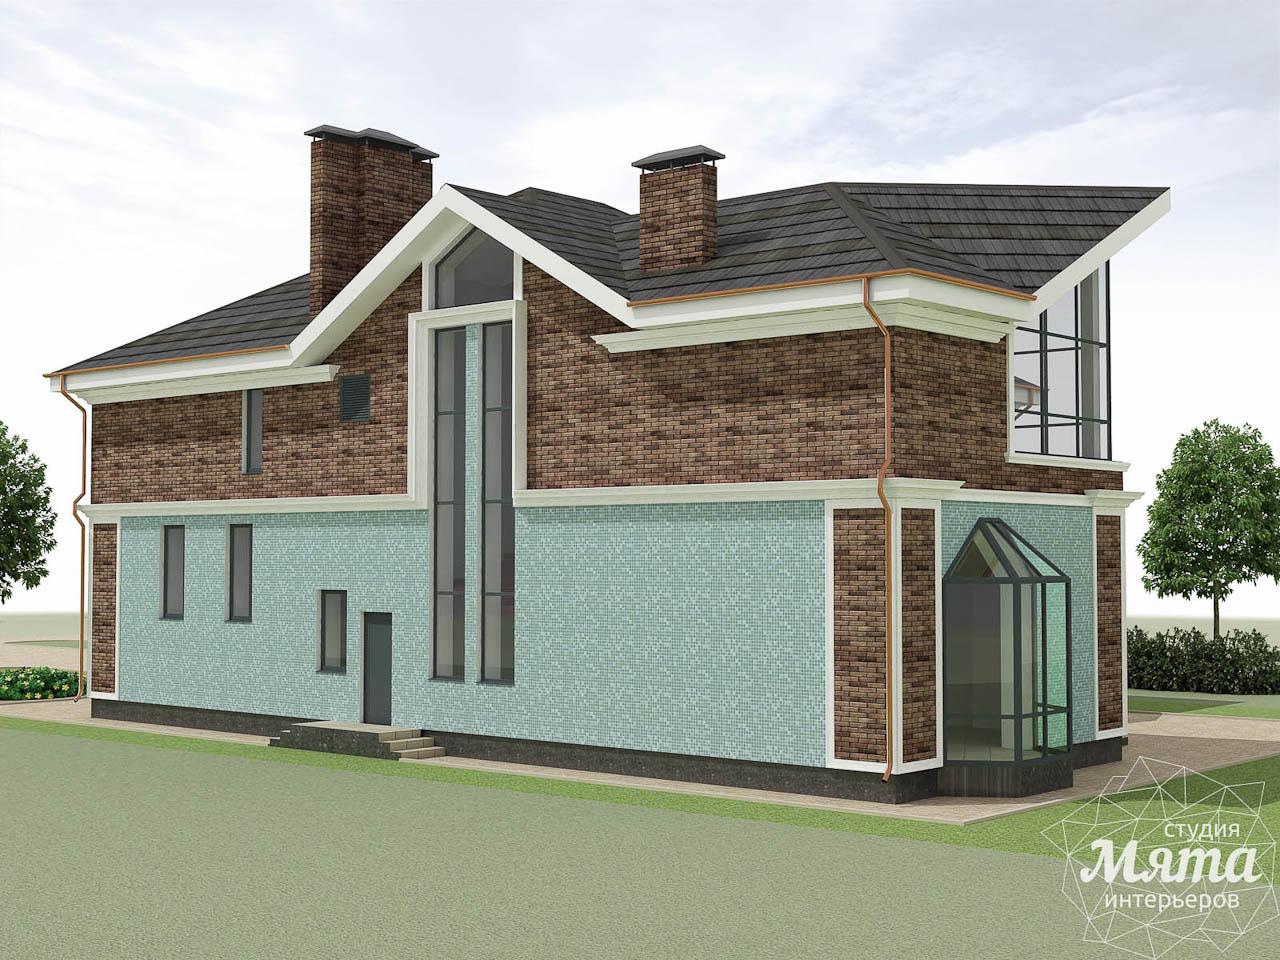 Дизайн фасада коттеджа в п. Палникс img790429159